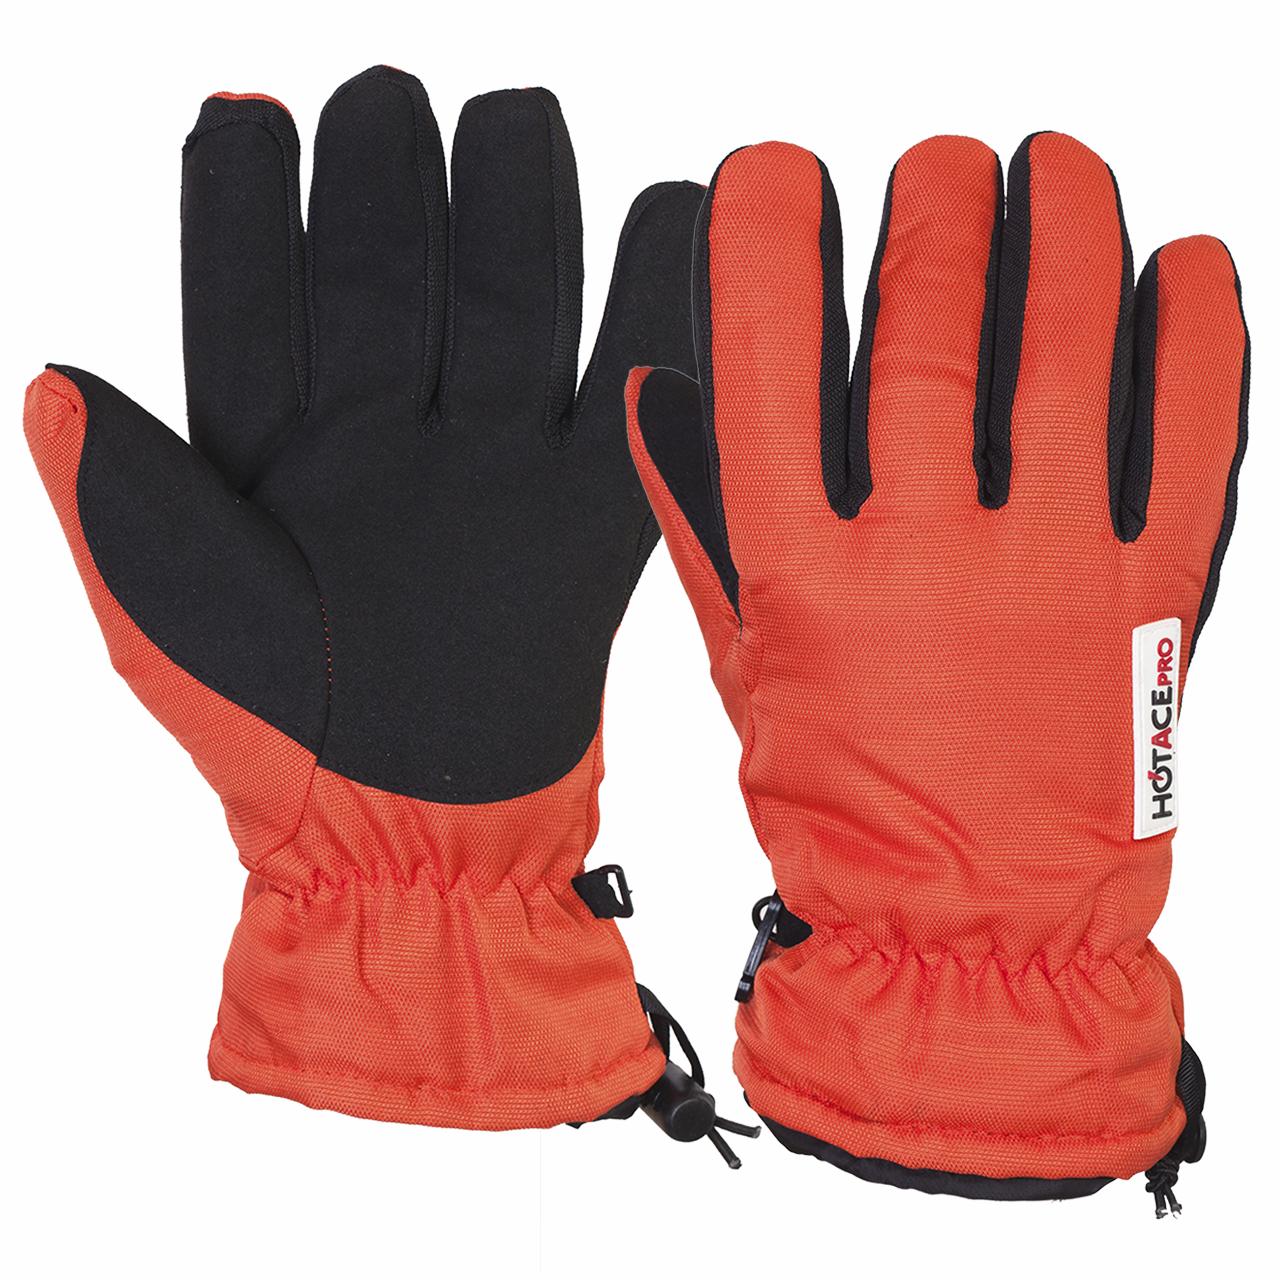 Фирменные перчатки для зимних видов спорта: лыжи, сноуборд